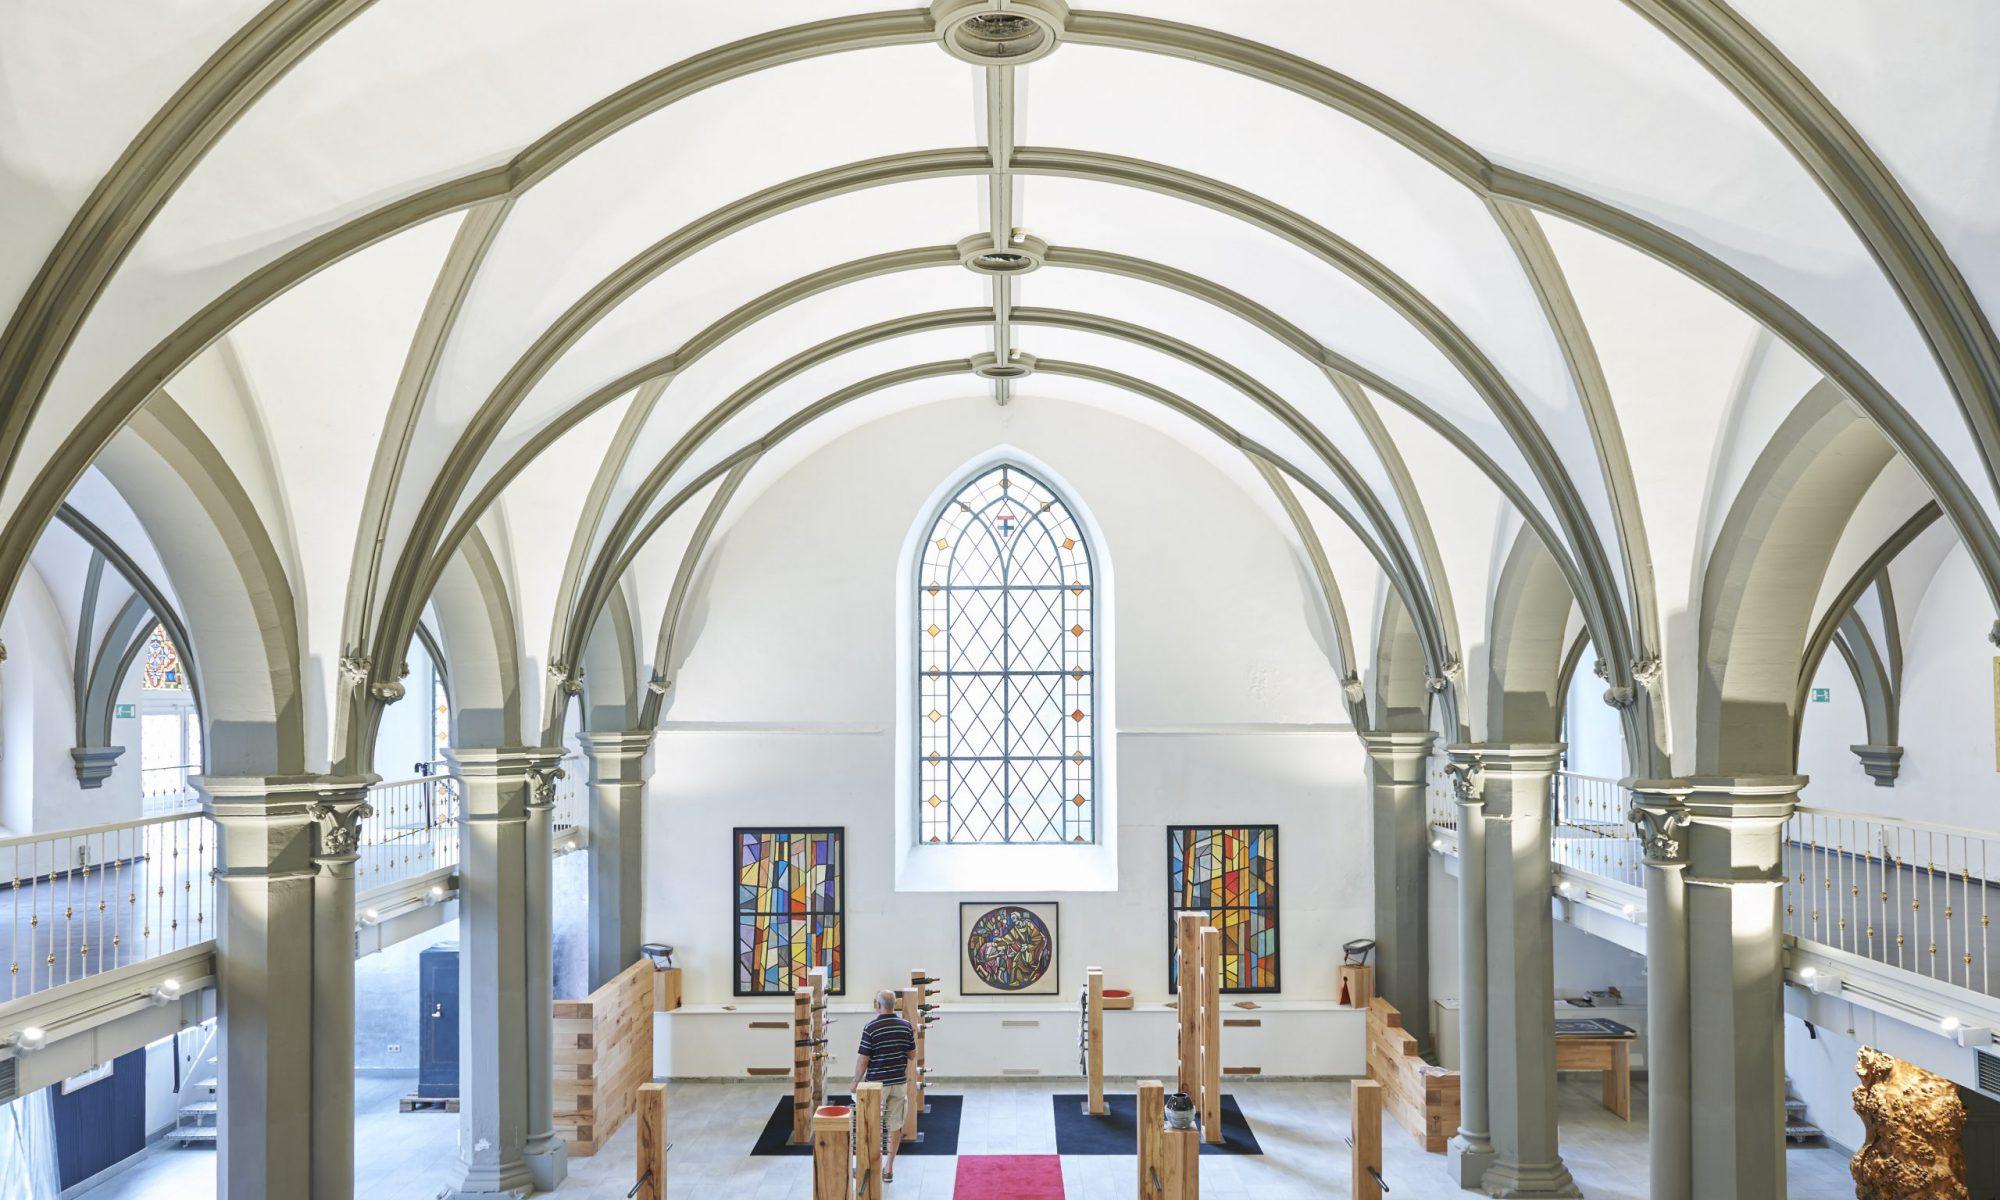 St. Johann, in Konstanz am Bodensee